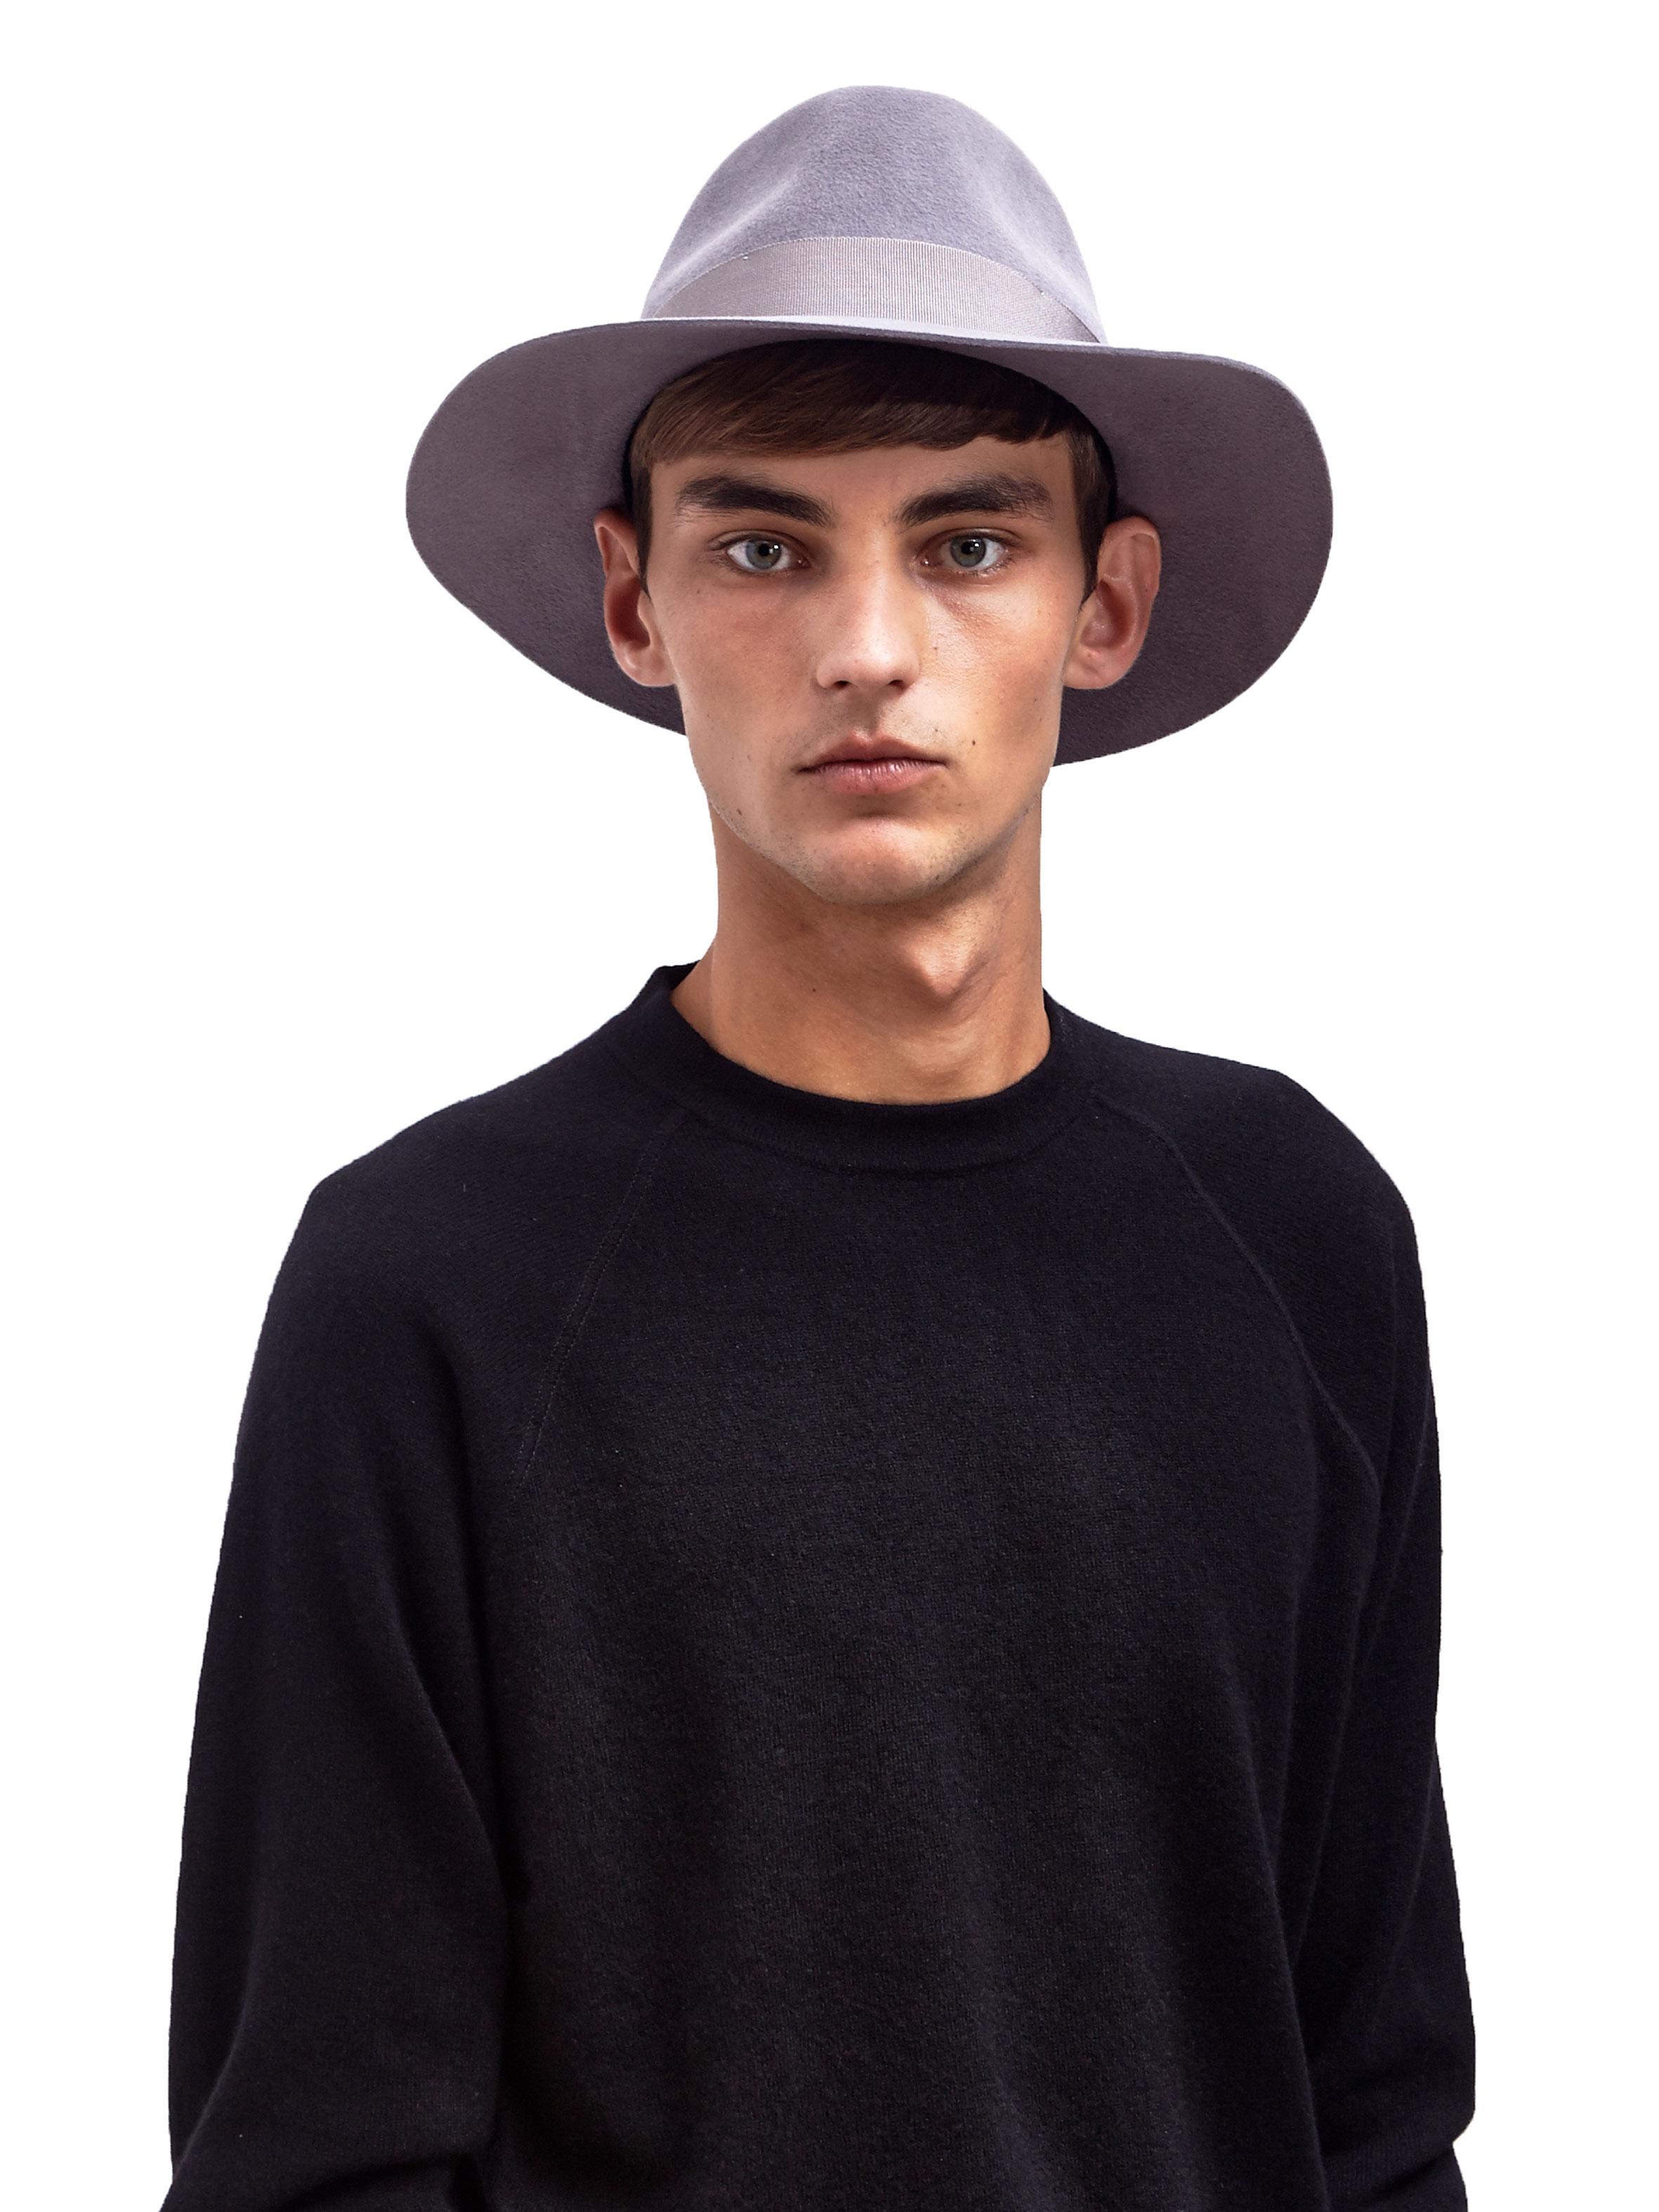 Mens Felt Fedora Hats 024a8cf98f1